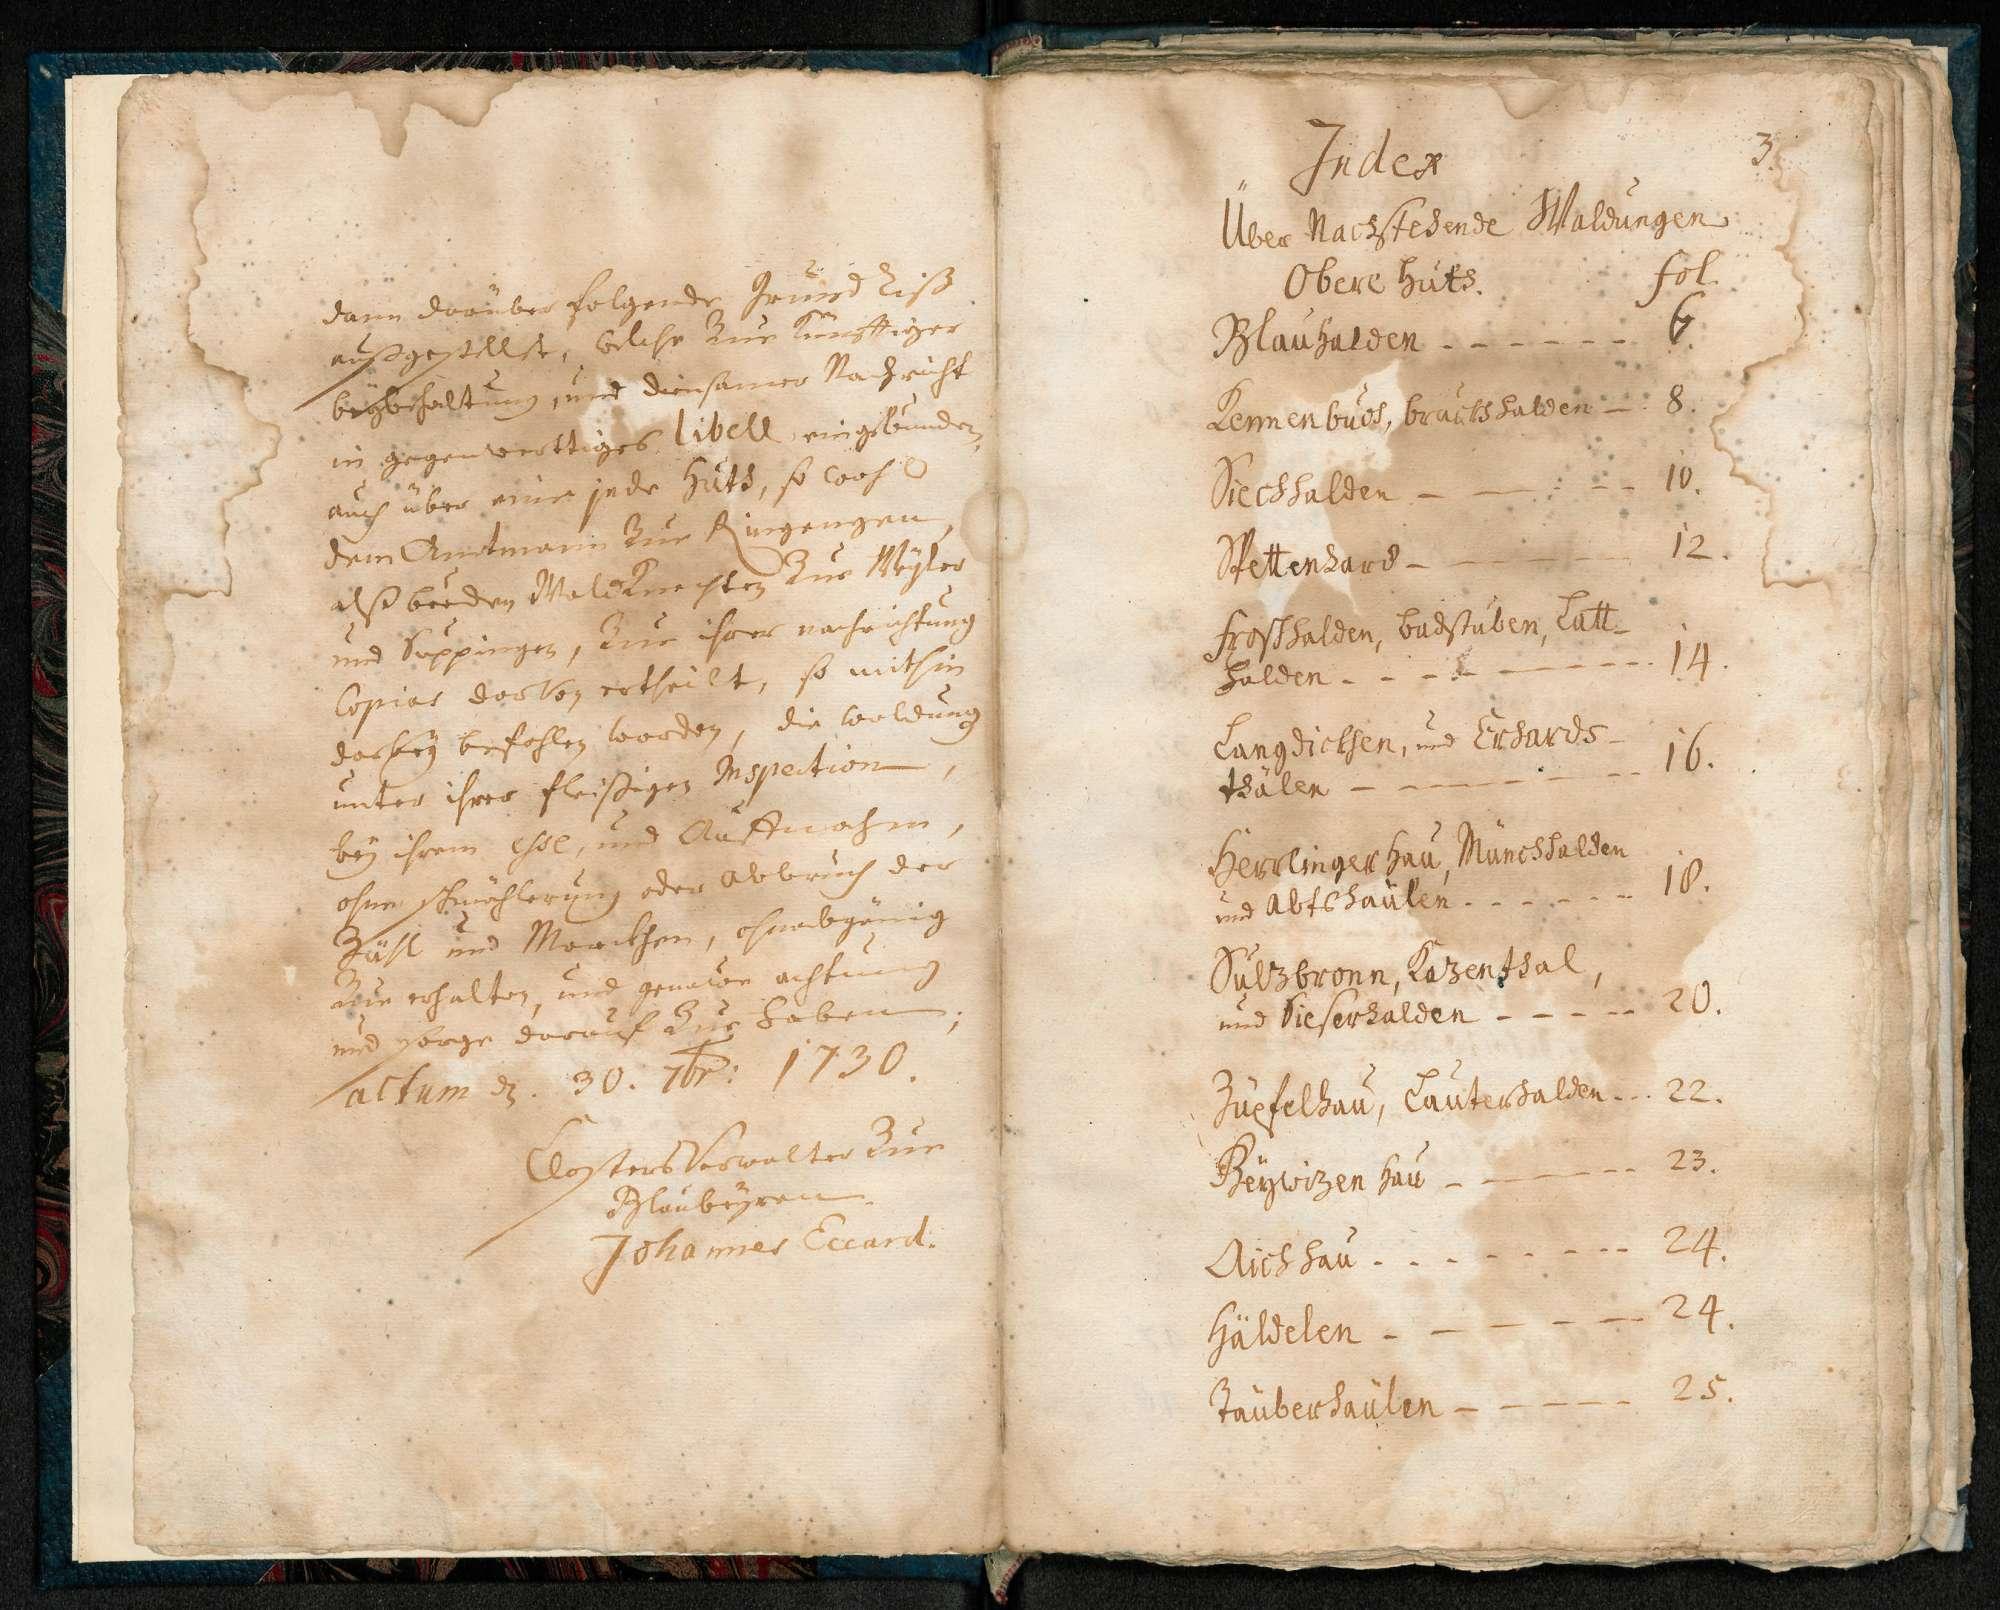 """""""Kloster Blaubeuren Mess- und Waldungs-Abriss-Buch de anno 1730"""", Bild 2"""